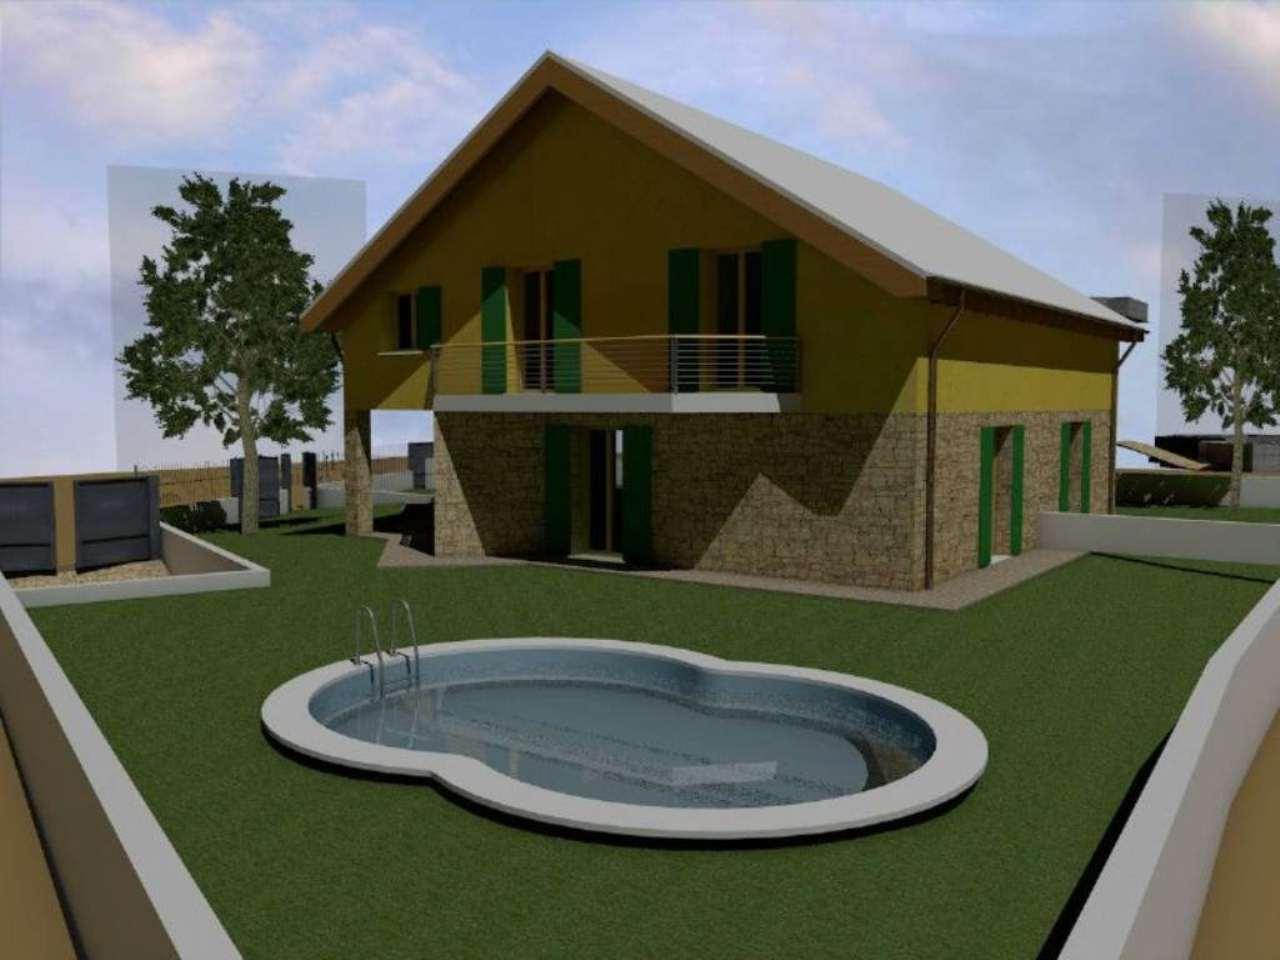 Villa Bifamiliare in vendita a Borgosatollo, 4 locali, prezzo € 470.000 | Cambio Casa.it